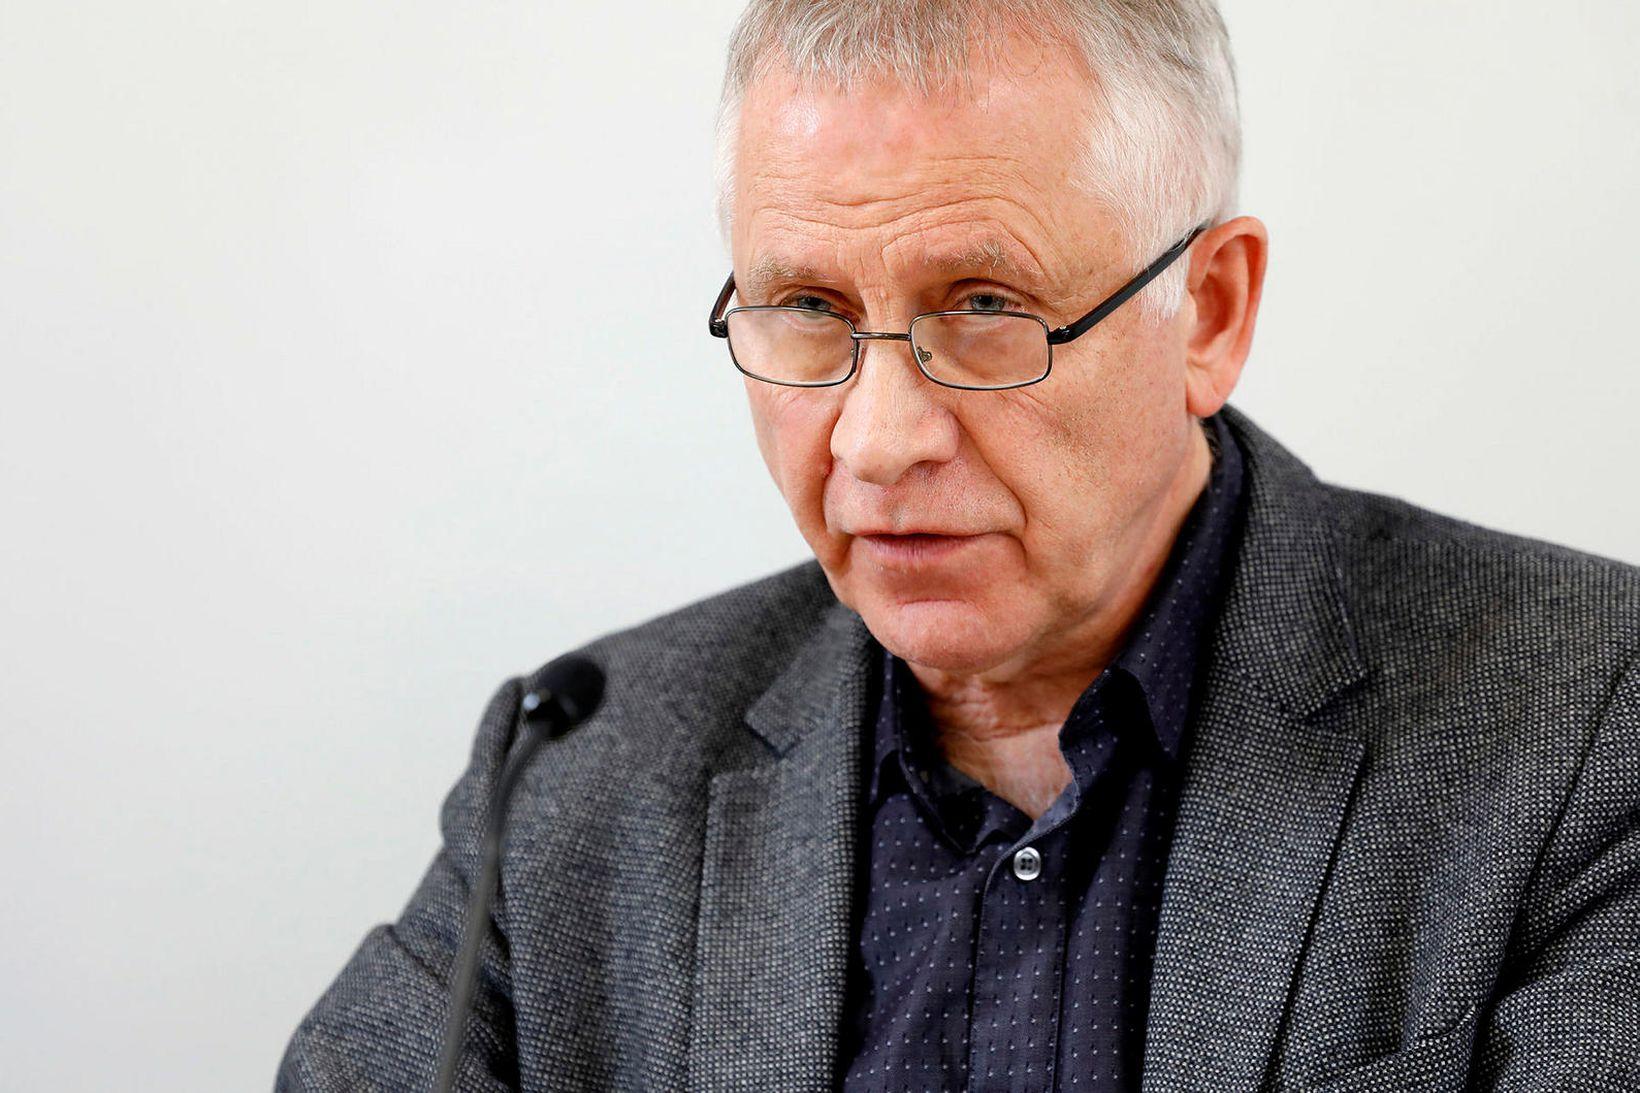 Þetta kom fram í máli Þórólfs Guðnasonar á upplýsingafundi um …